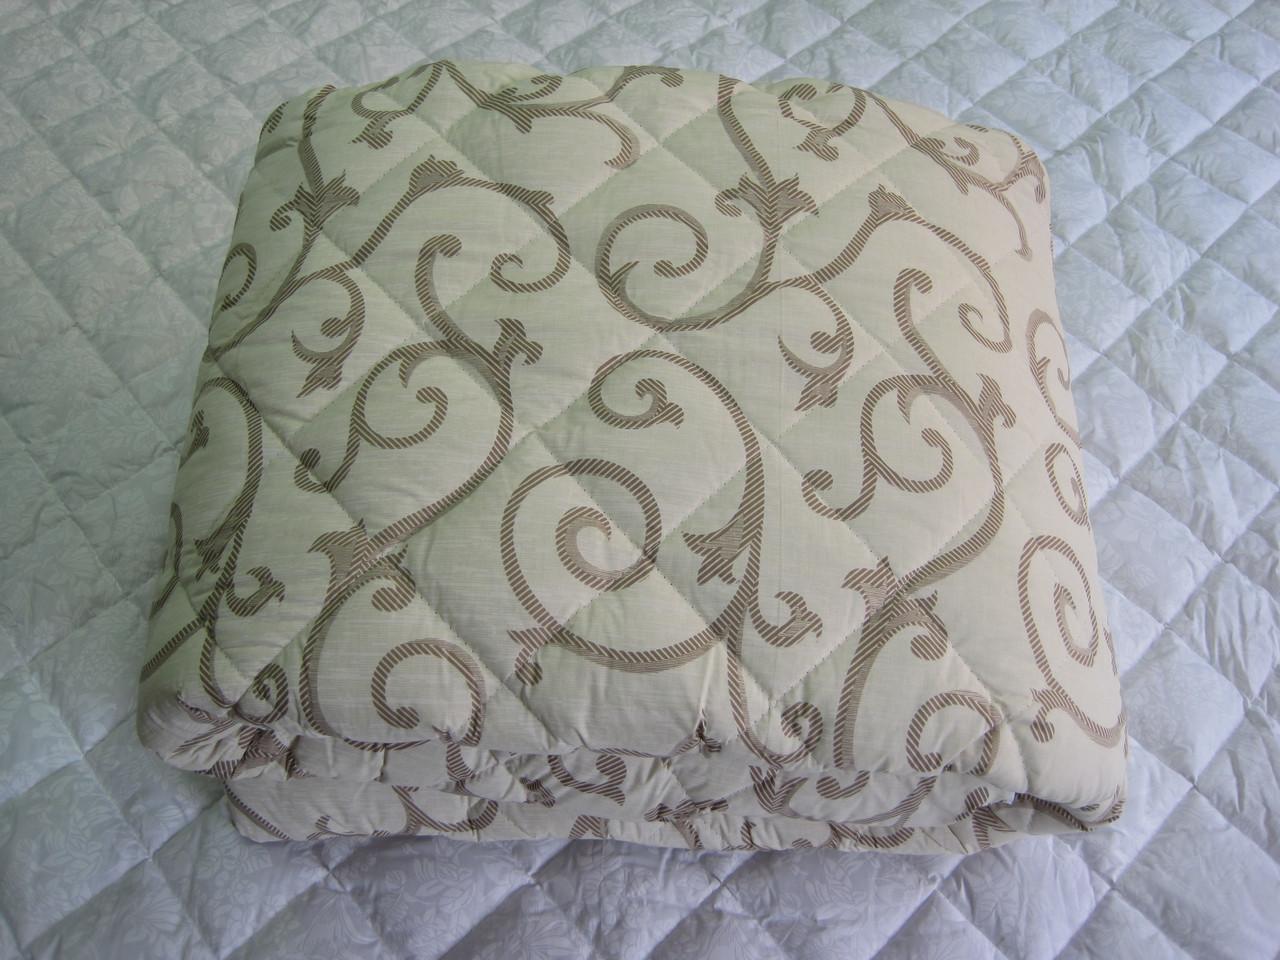 Одеяло силиконовое двухспальное евро 200*210 хлопок (2889) TM KRISPOL Украина